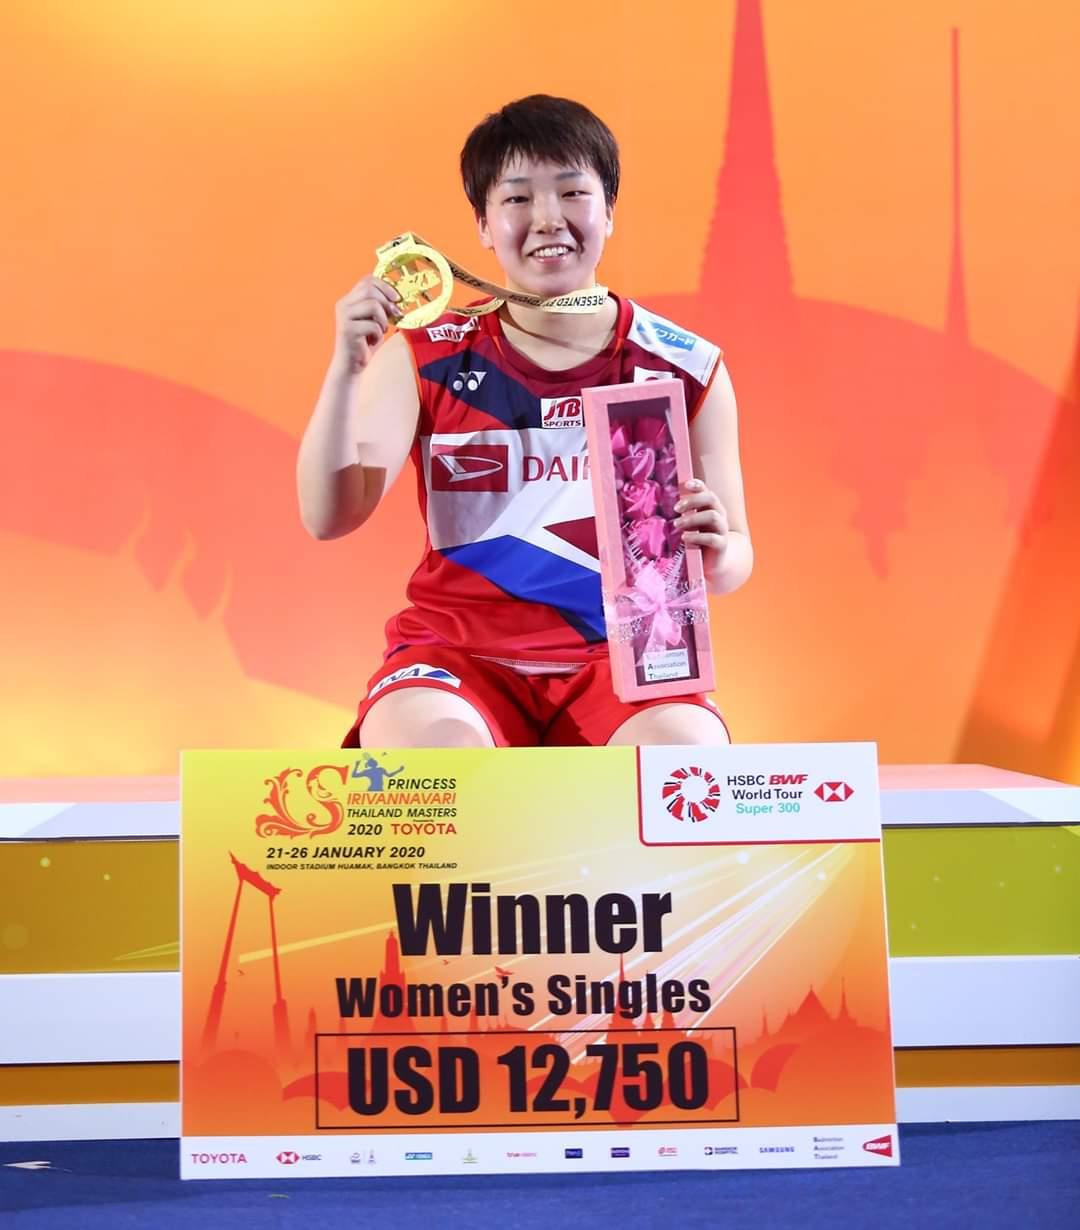 อากาเนะ ยามากูชิ คว้าแชมป์หญิงเดี่ยว ไทยแลนด์ มาสเตอร์ส